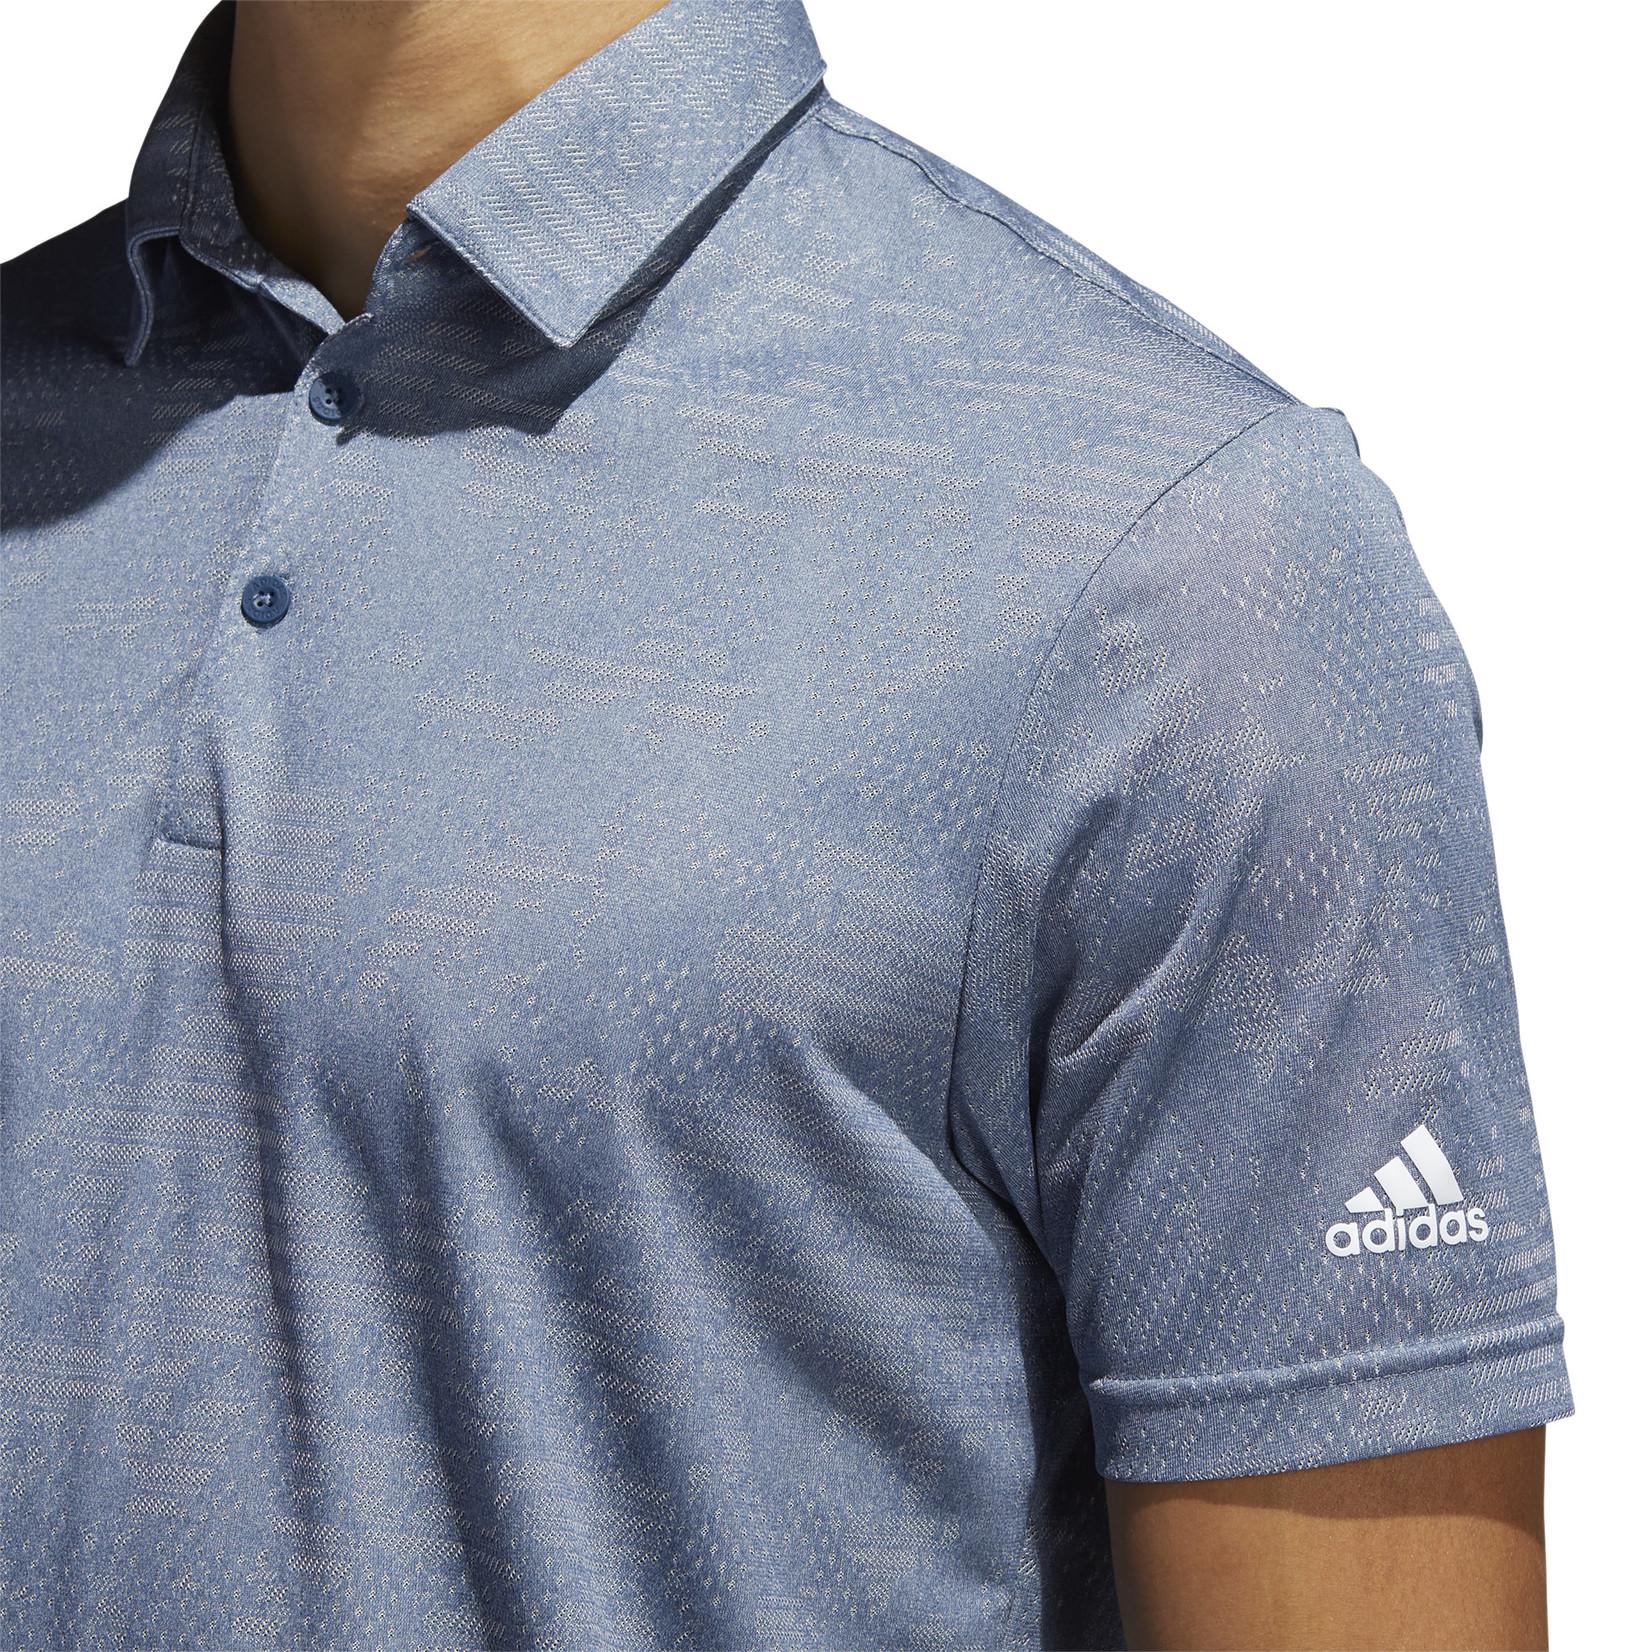 Adidas Adidas Camo Polo - Navy/Grey